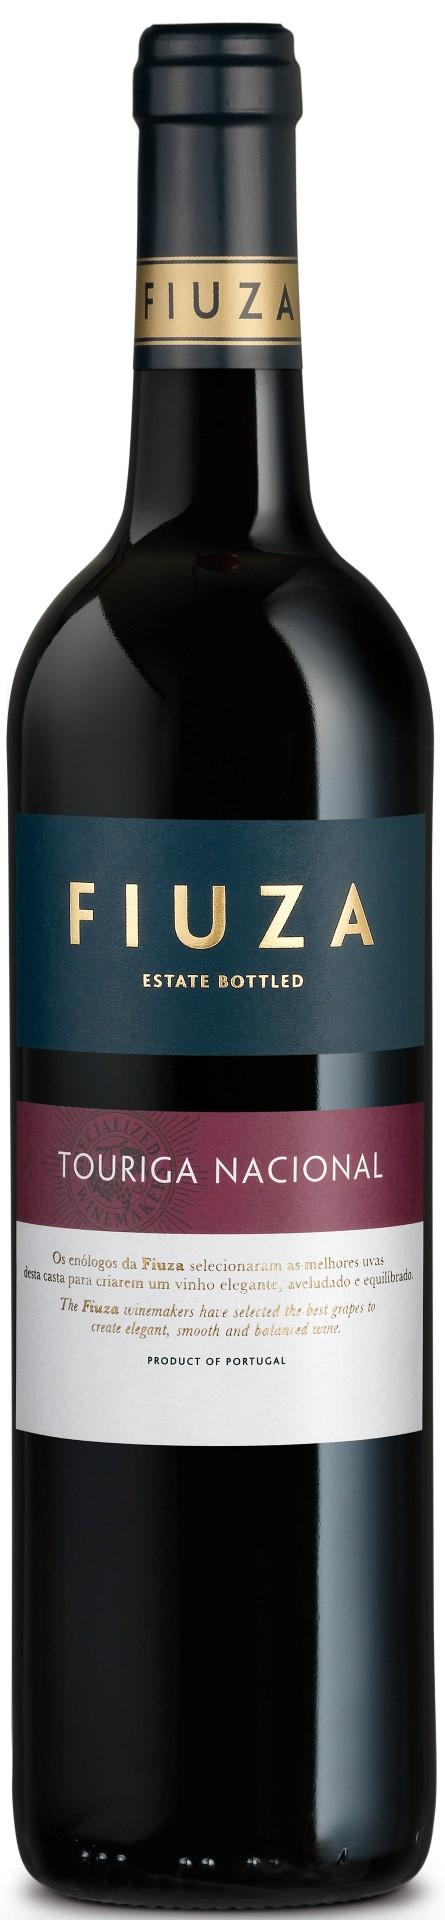 2014 Fiuza Premium Alicante Bouchet Tejo